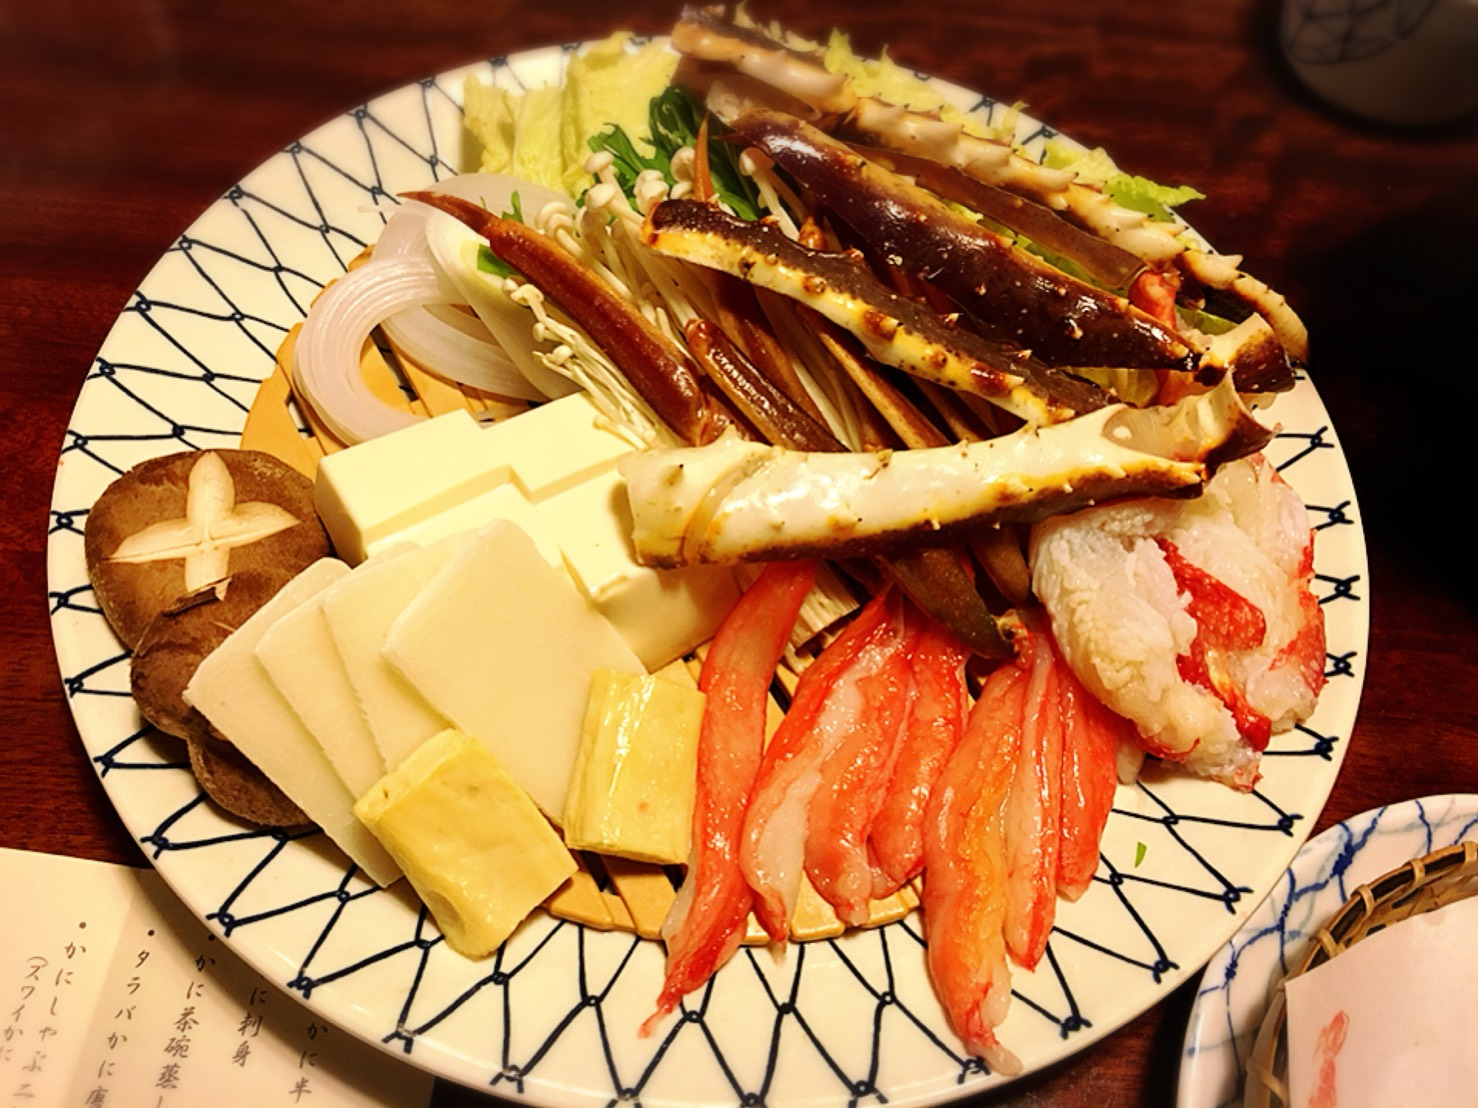 【新宿駅】贅の極み!蟹ざんまいで蟹に溺れる贅沢体験!豪華絢爛な「かに道楽」のかにしゃぶ会席冬景色のかにしゃぶ二種盛